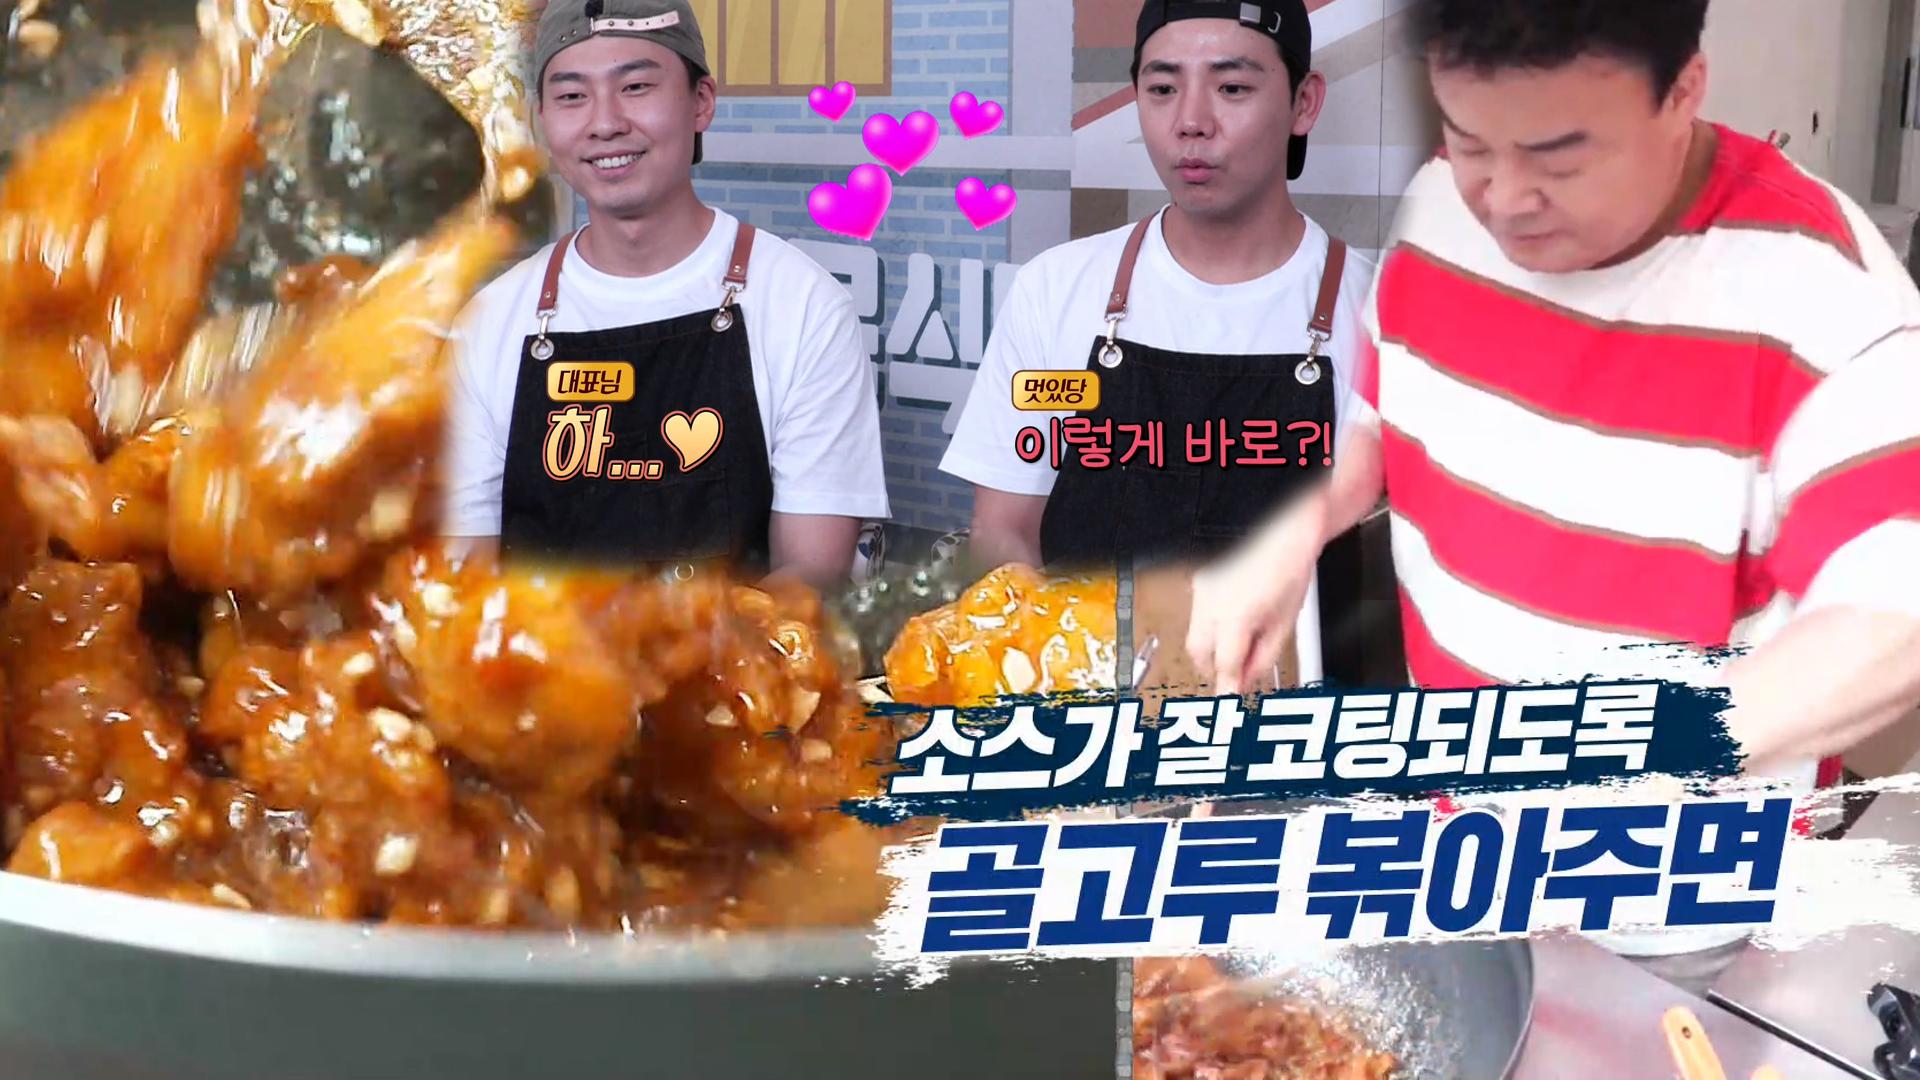 [급 솔루션] 백종원, 갑자기 5분 만에 만들어 준 마늘간장 닭강정